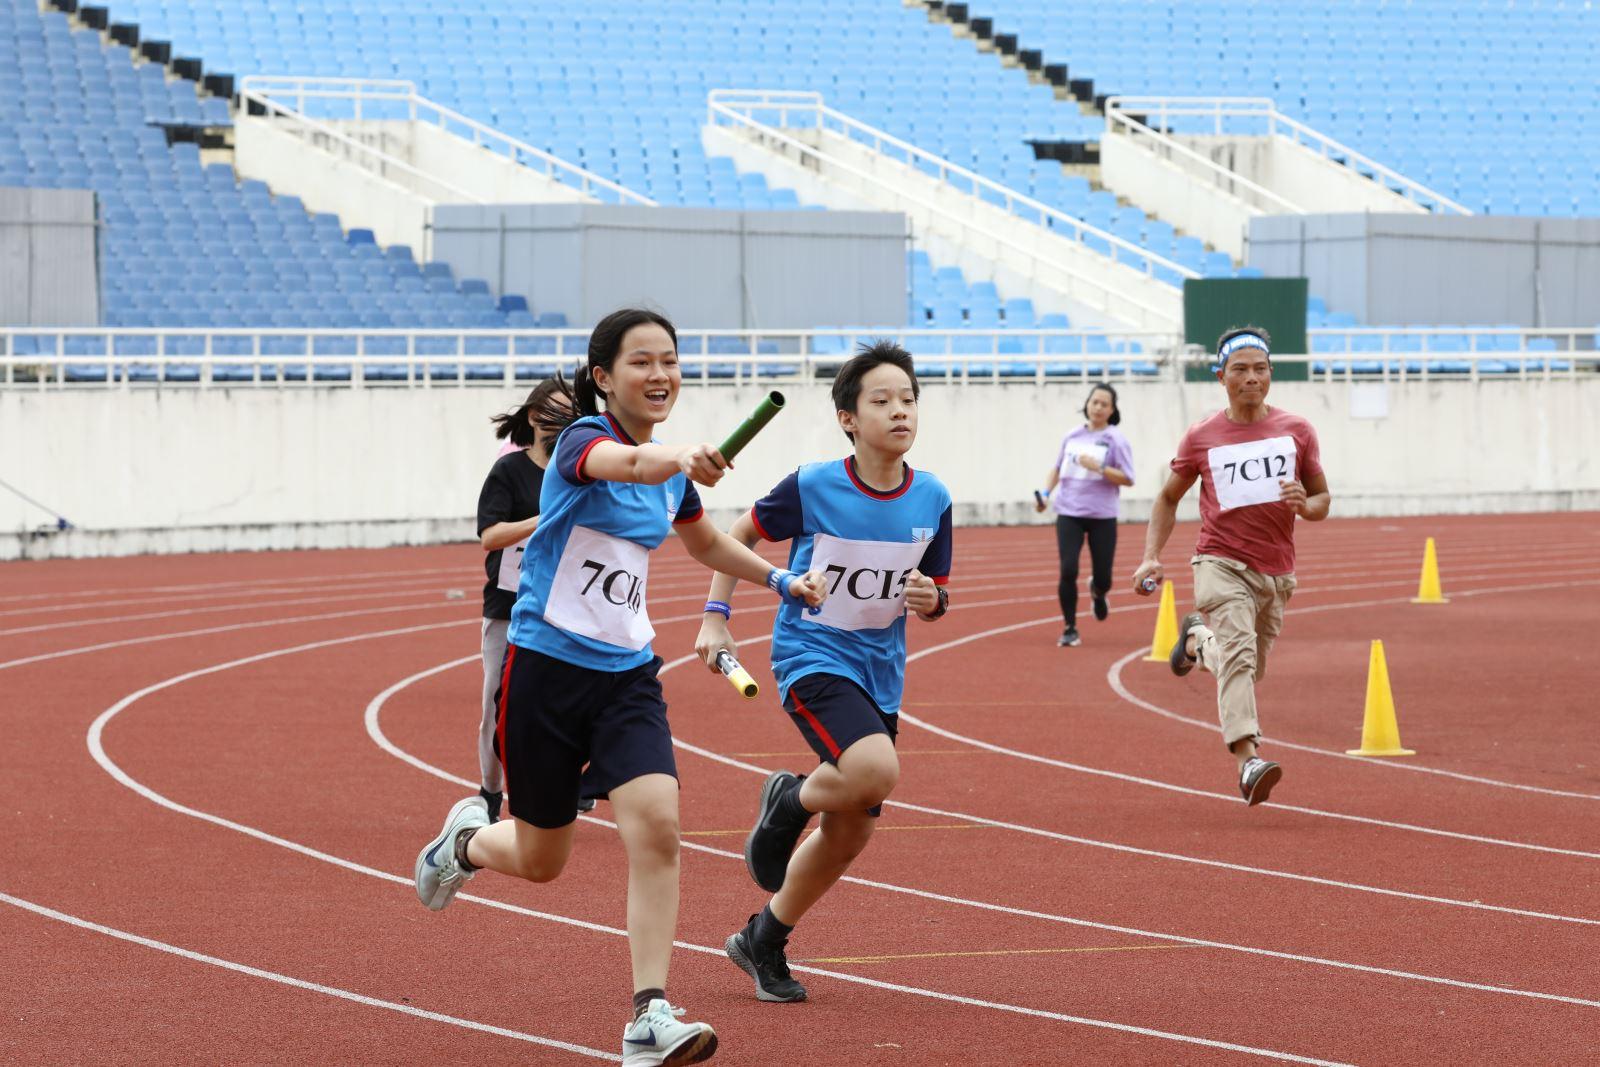 Ngày hội Thể thao Trường học Hạnh phúc (VTV1)